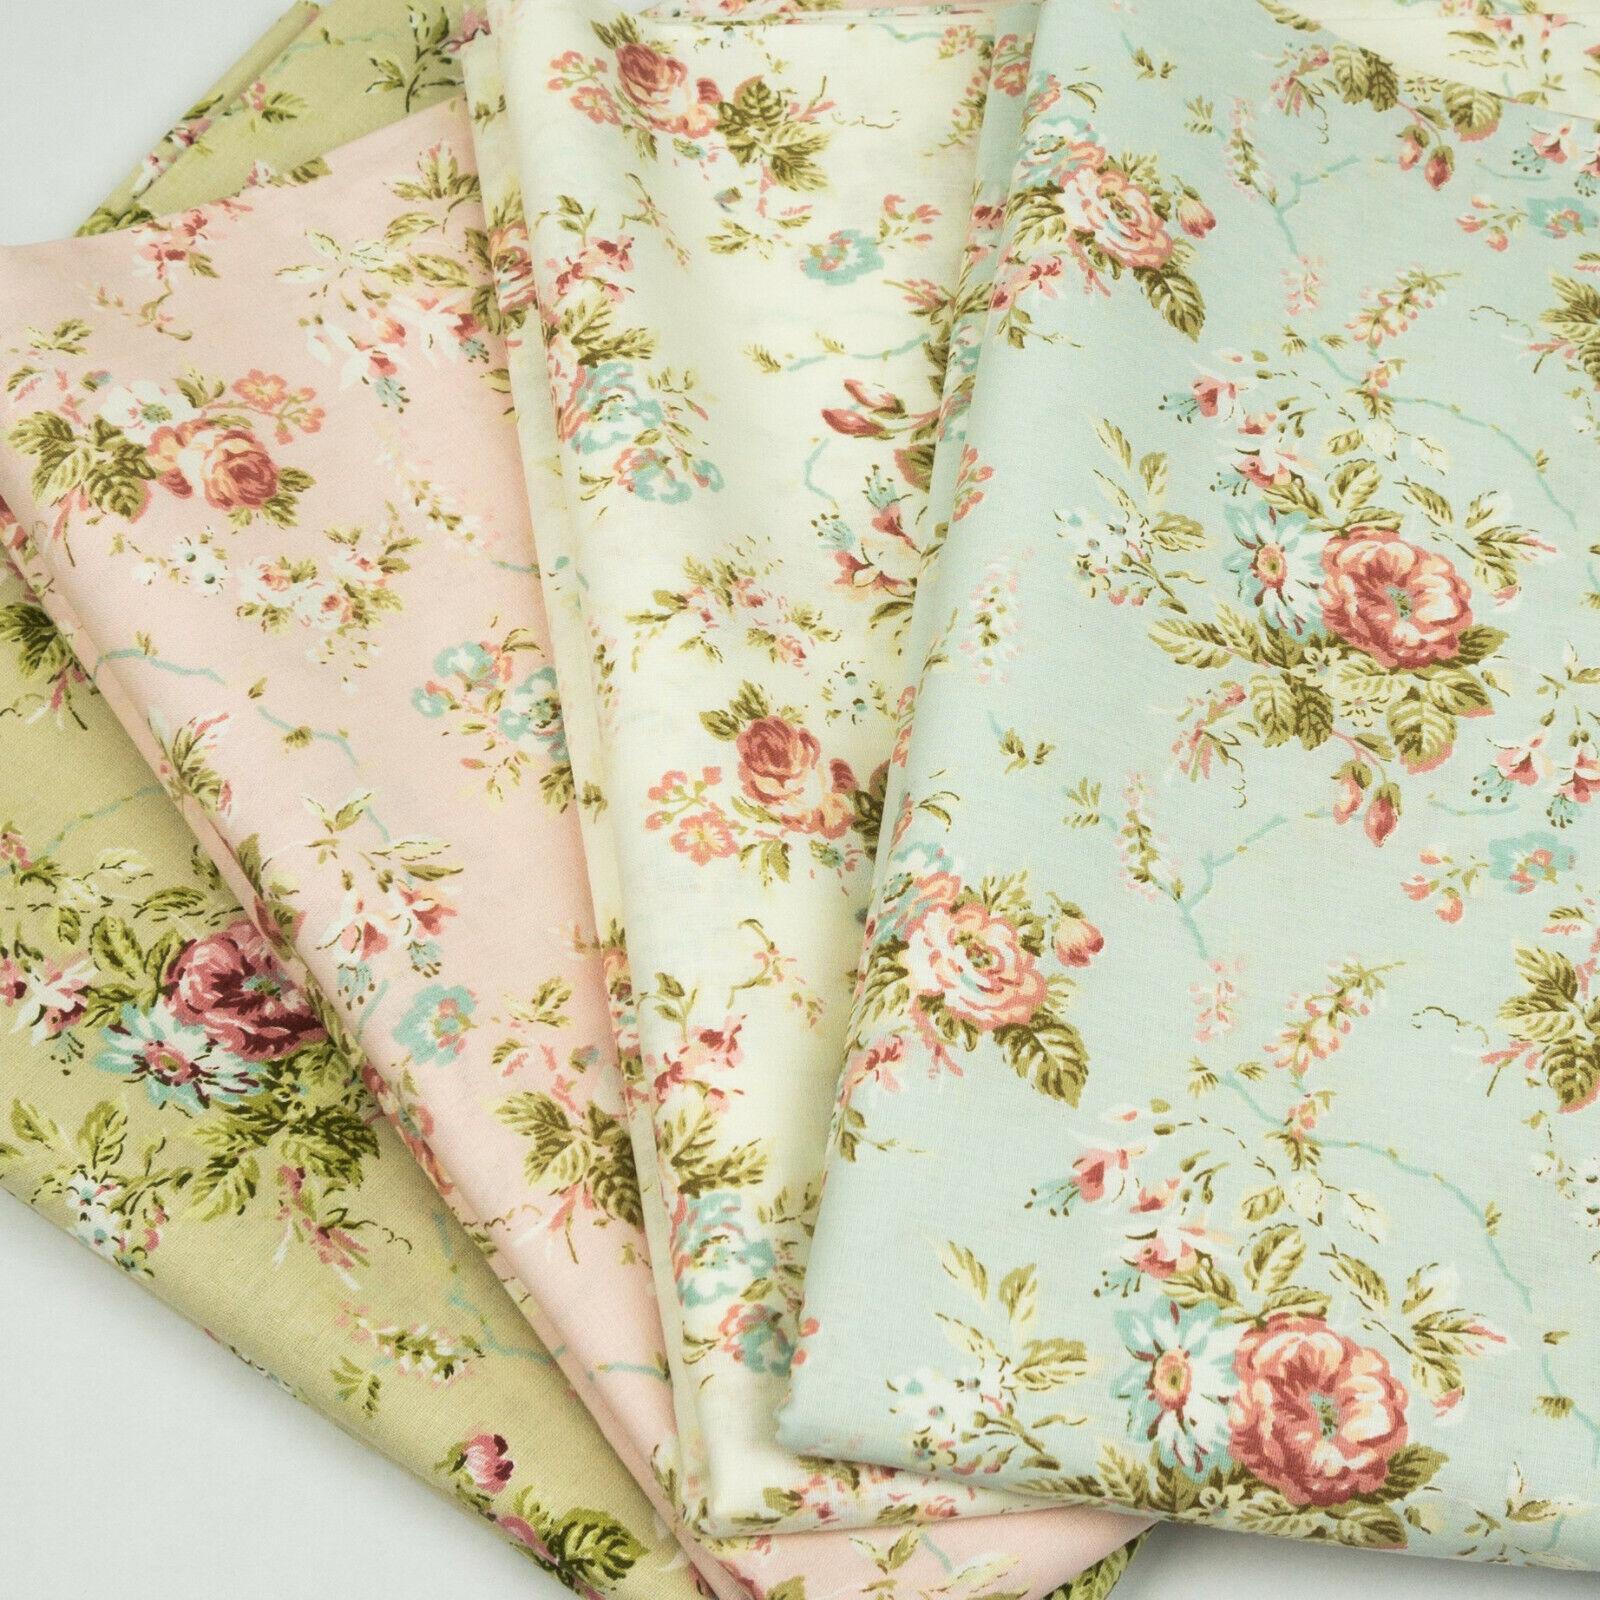 Baumwollstoff VINTAGE Blumen Stoff METERWARE 240 cm Breite 100 Baumwolle